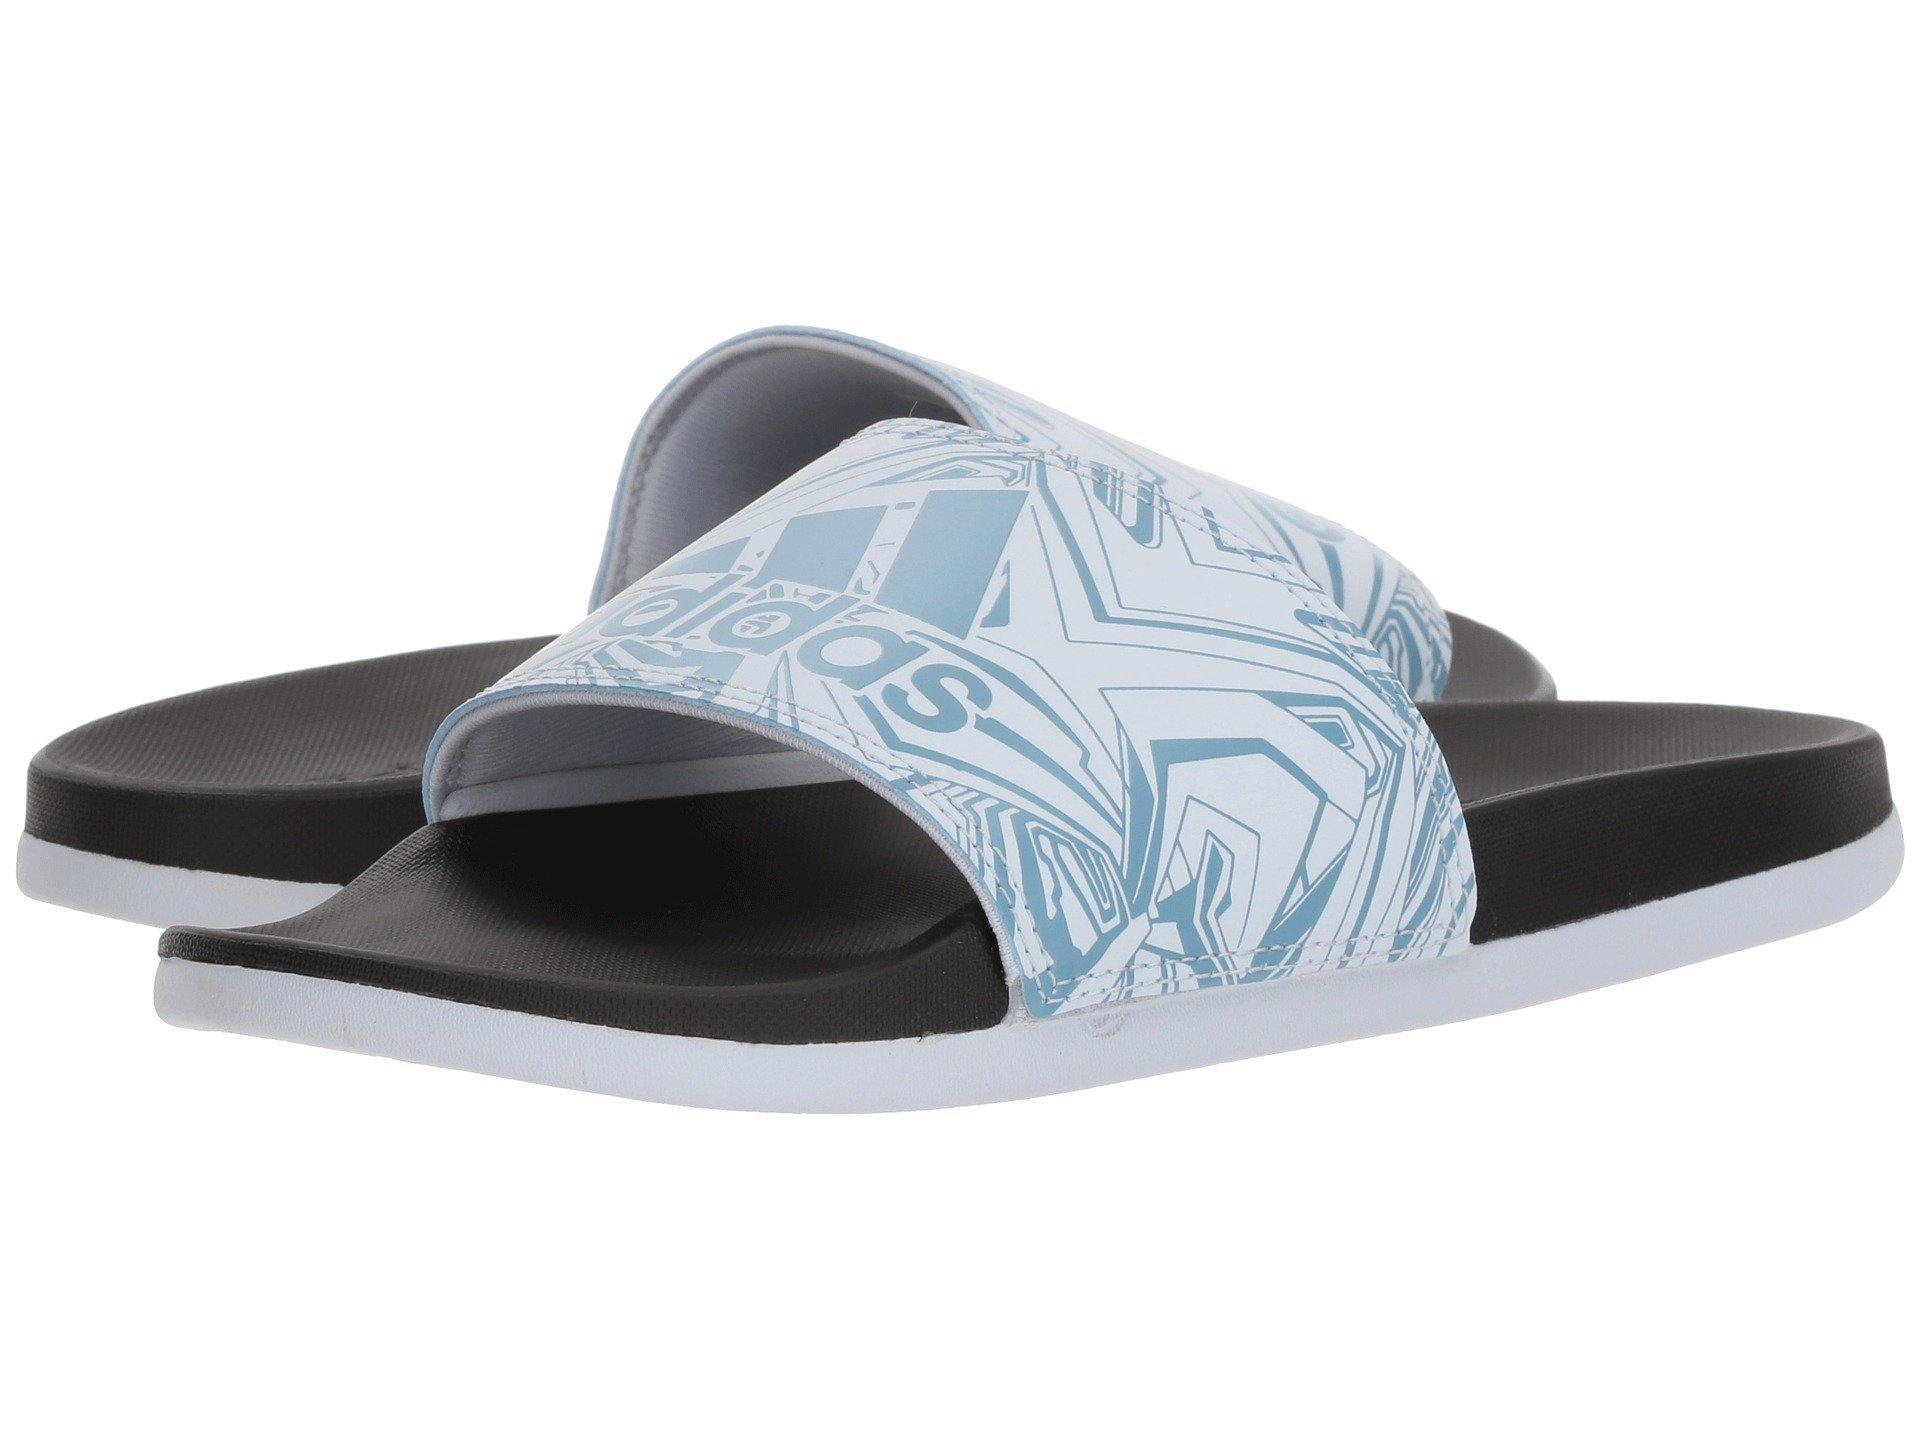 new style 92df8 5772f adidas. Womens Blue Adilette Cf+ Gr